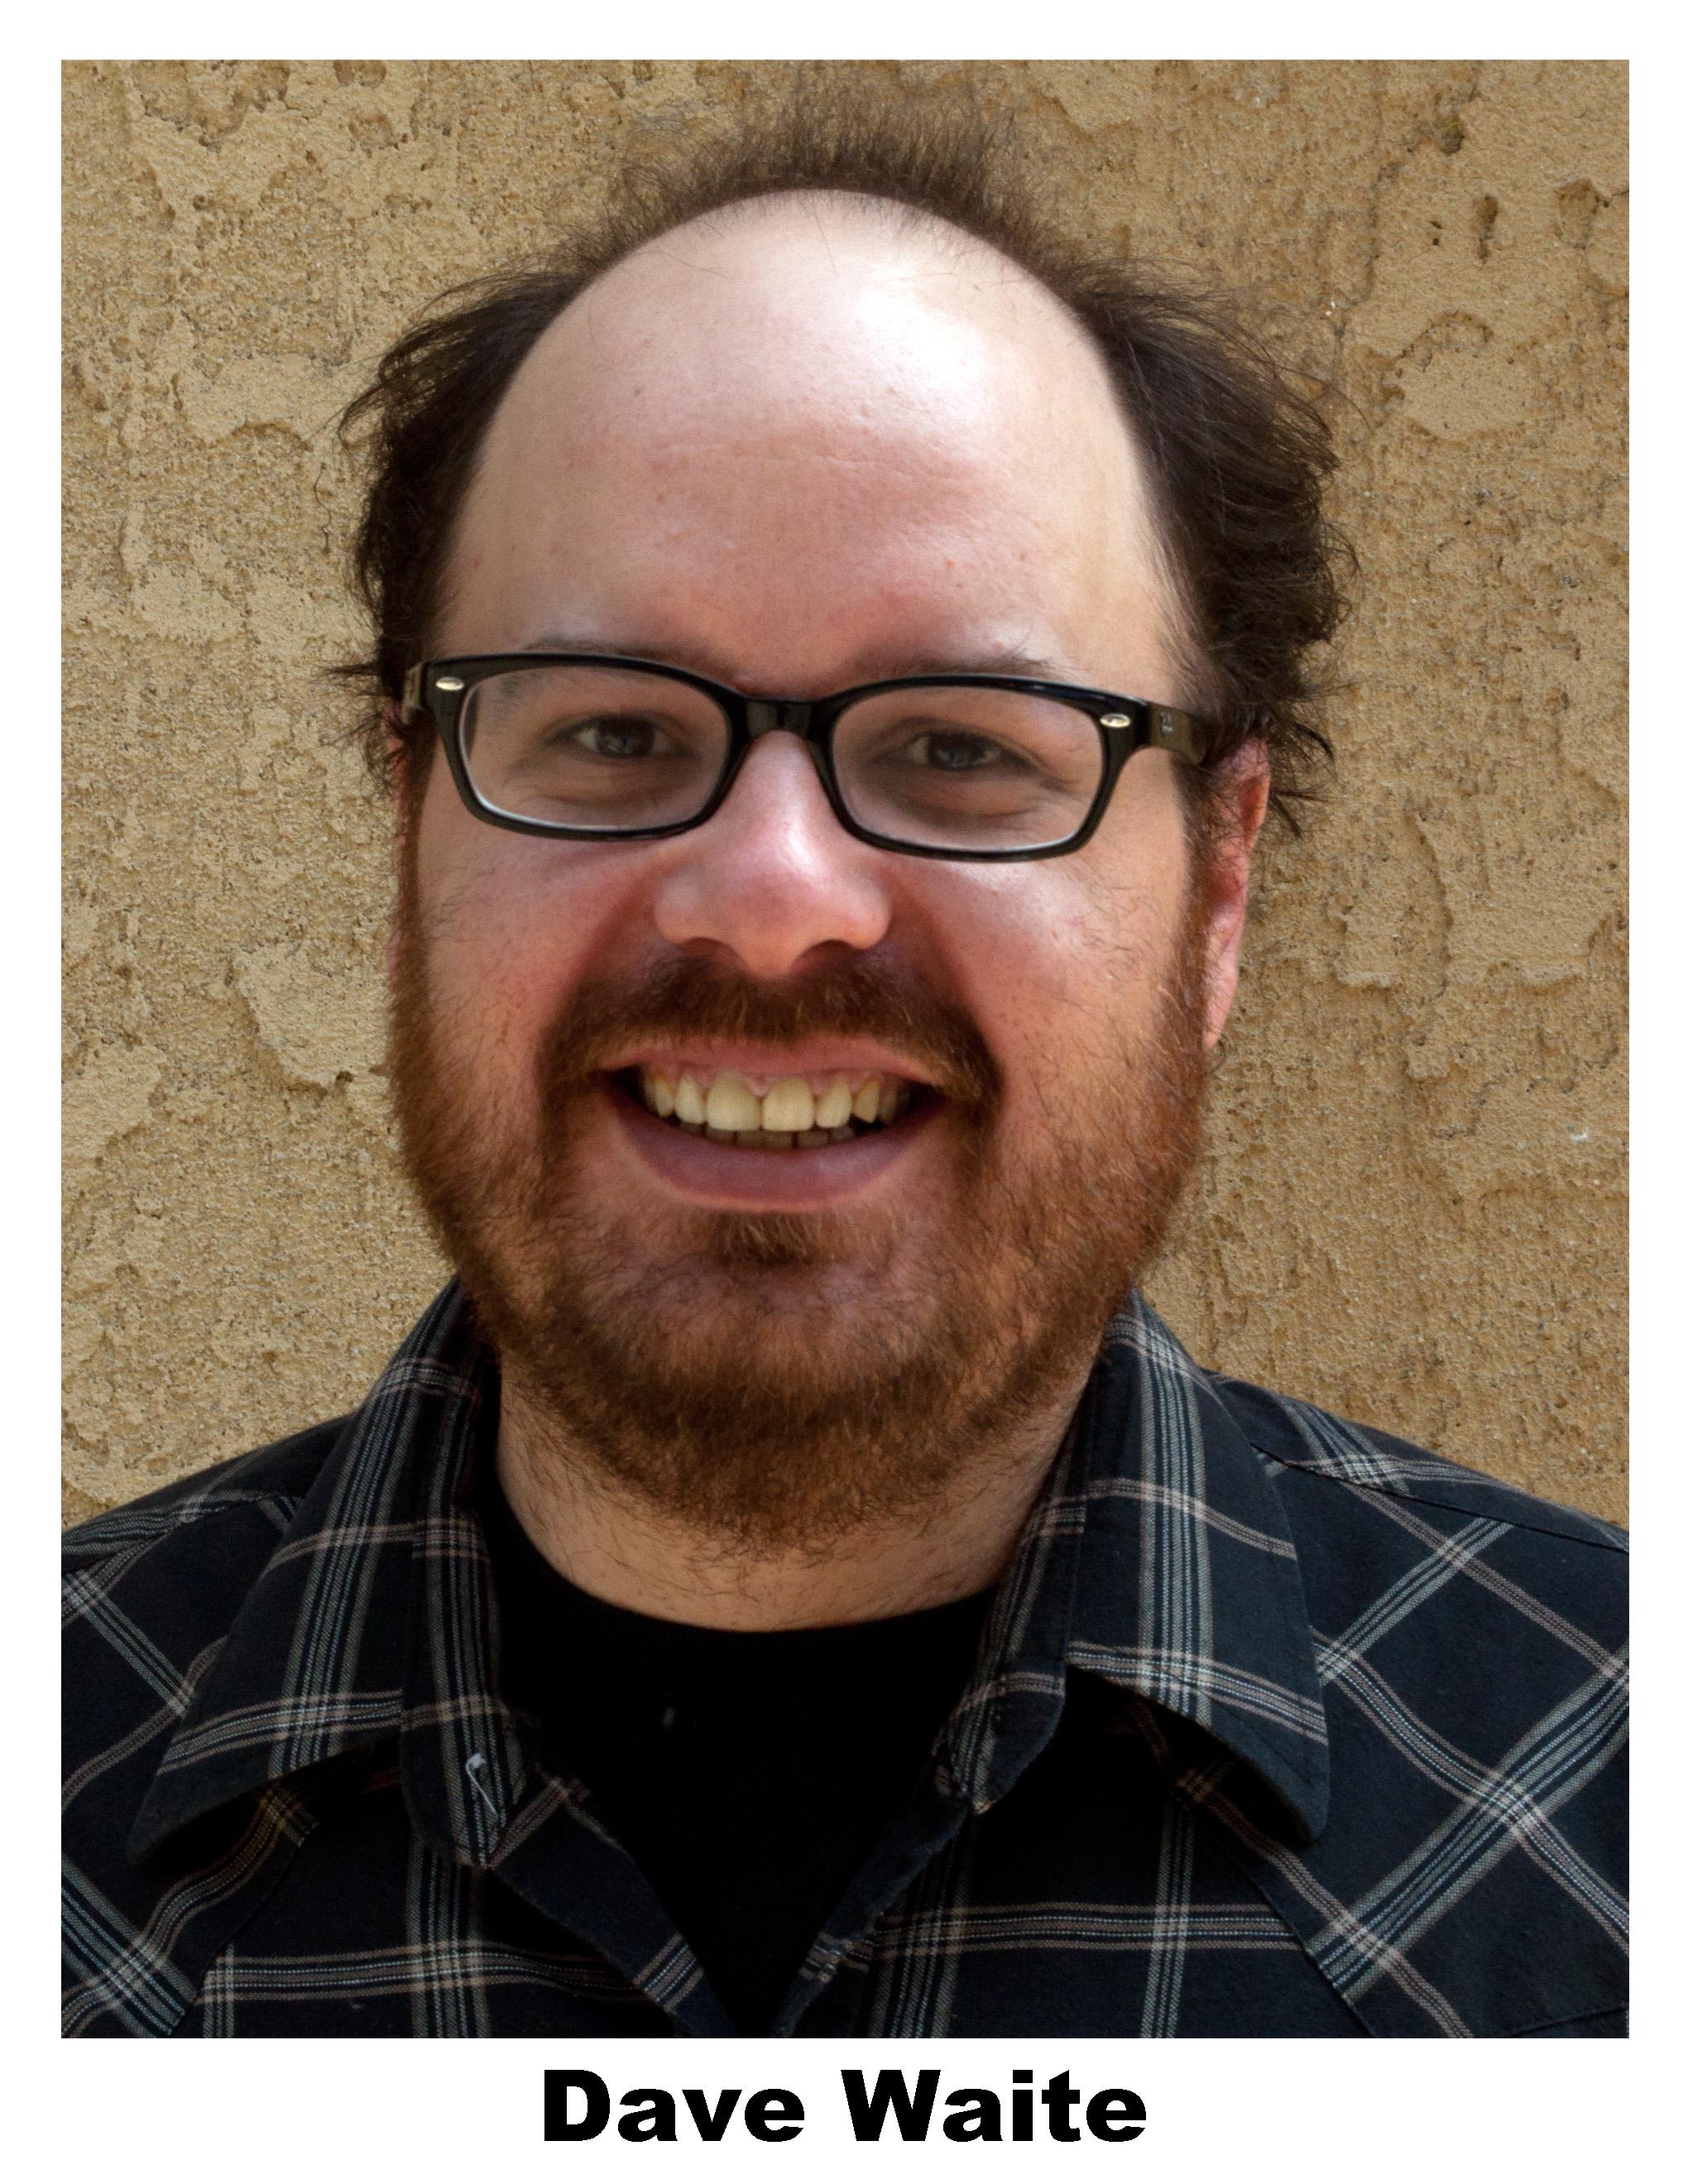 Dave-Headshot-1.jpg